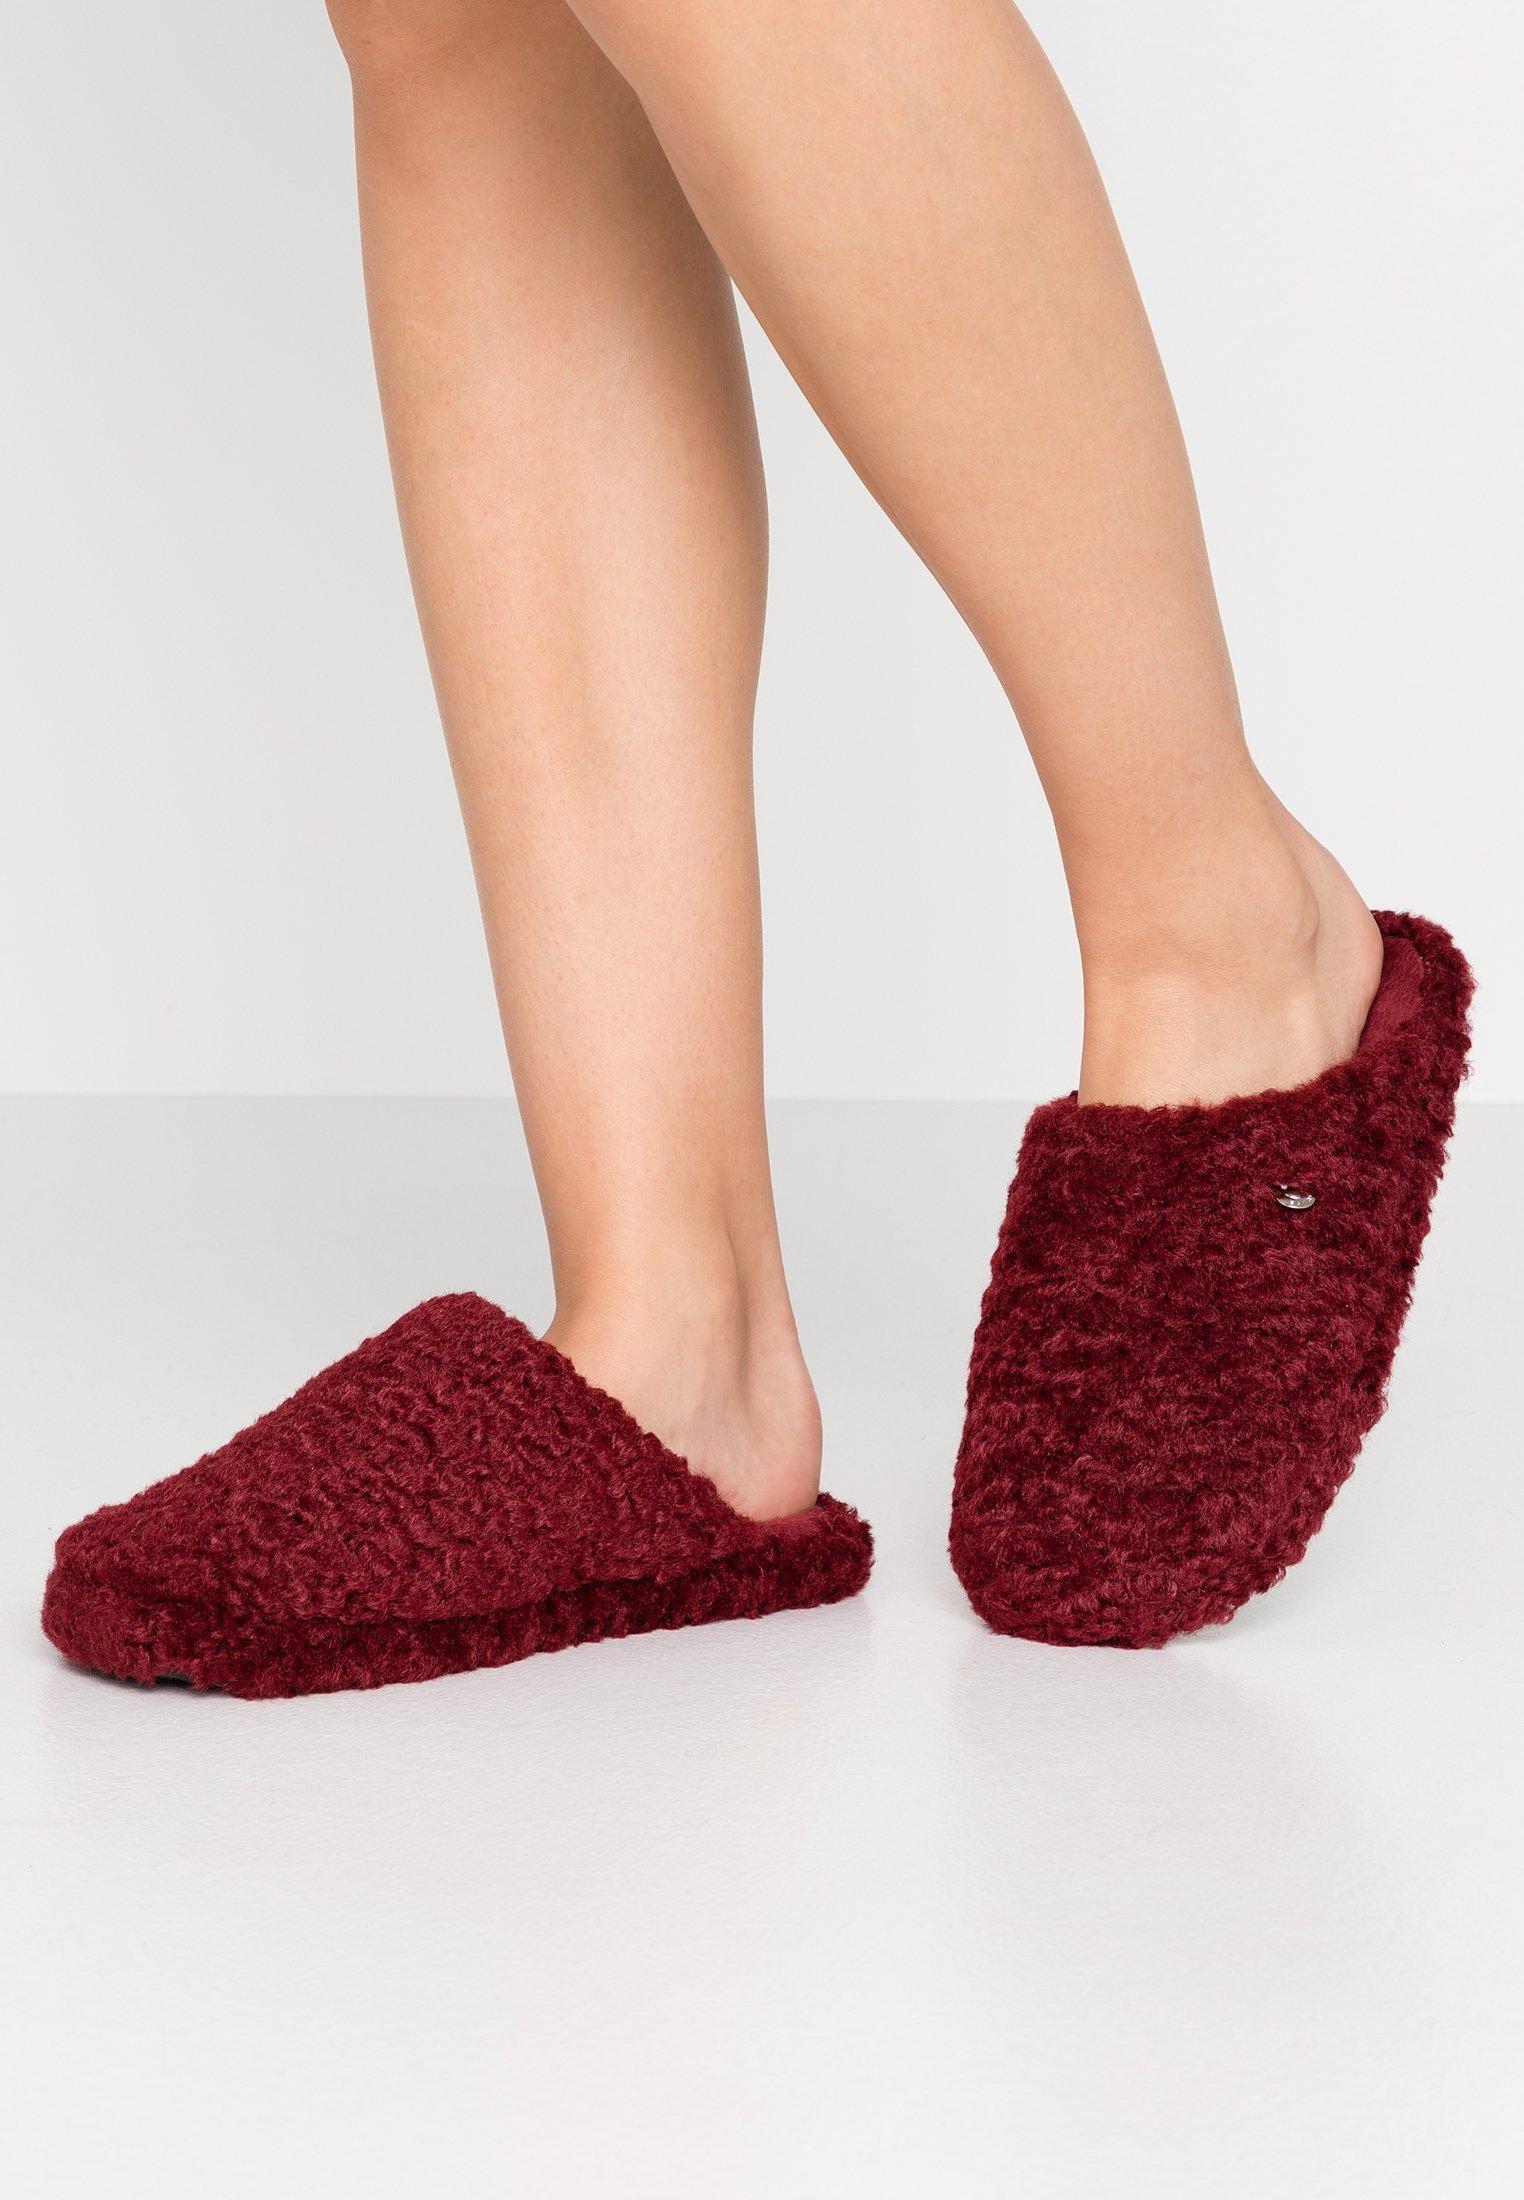 Esprit DONI PERS MULE - Pantofole bordeaux red